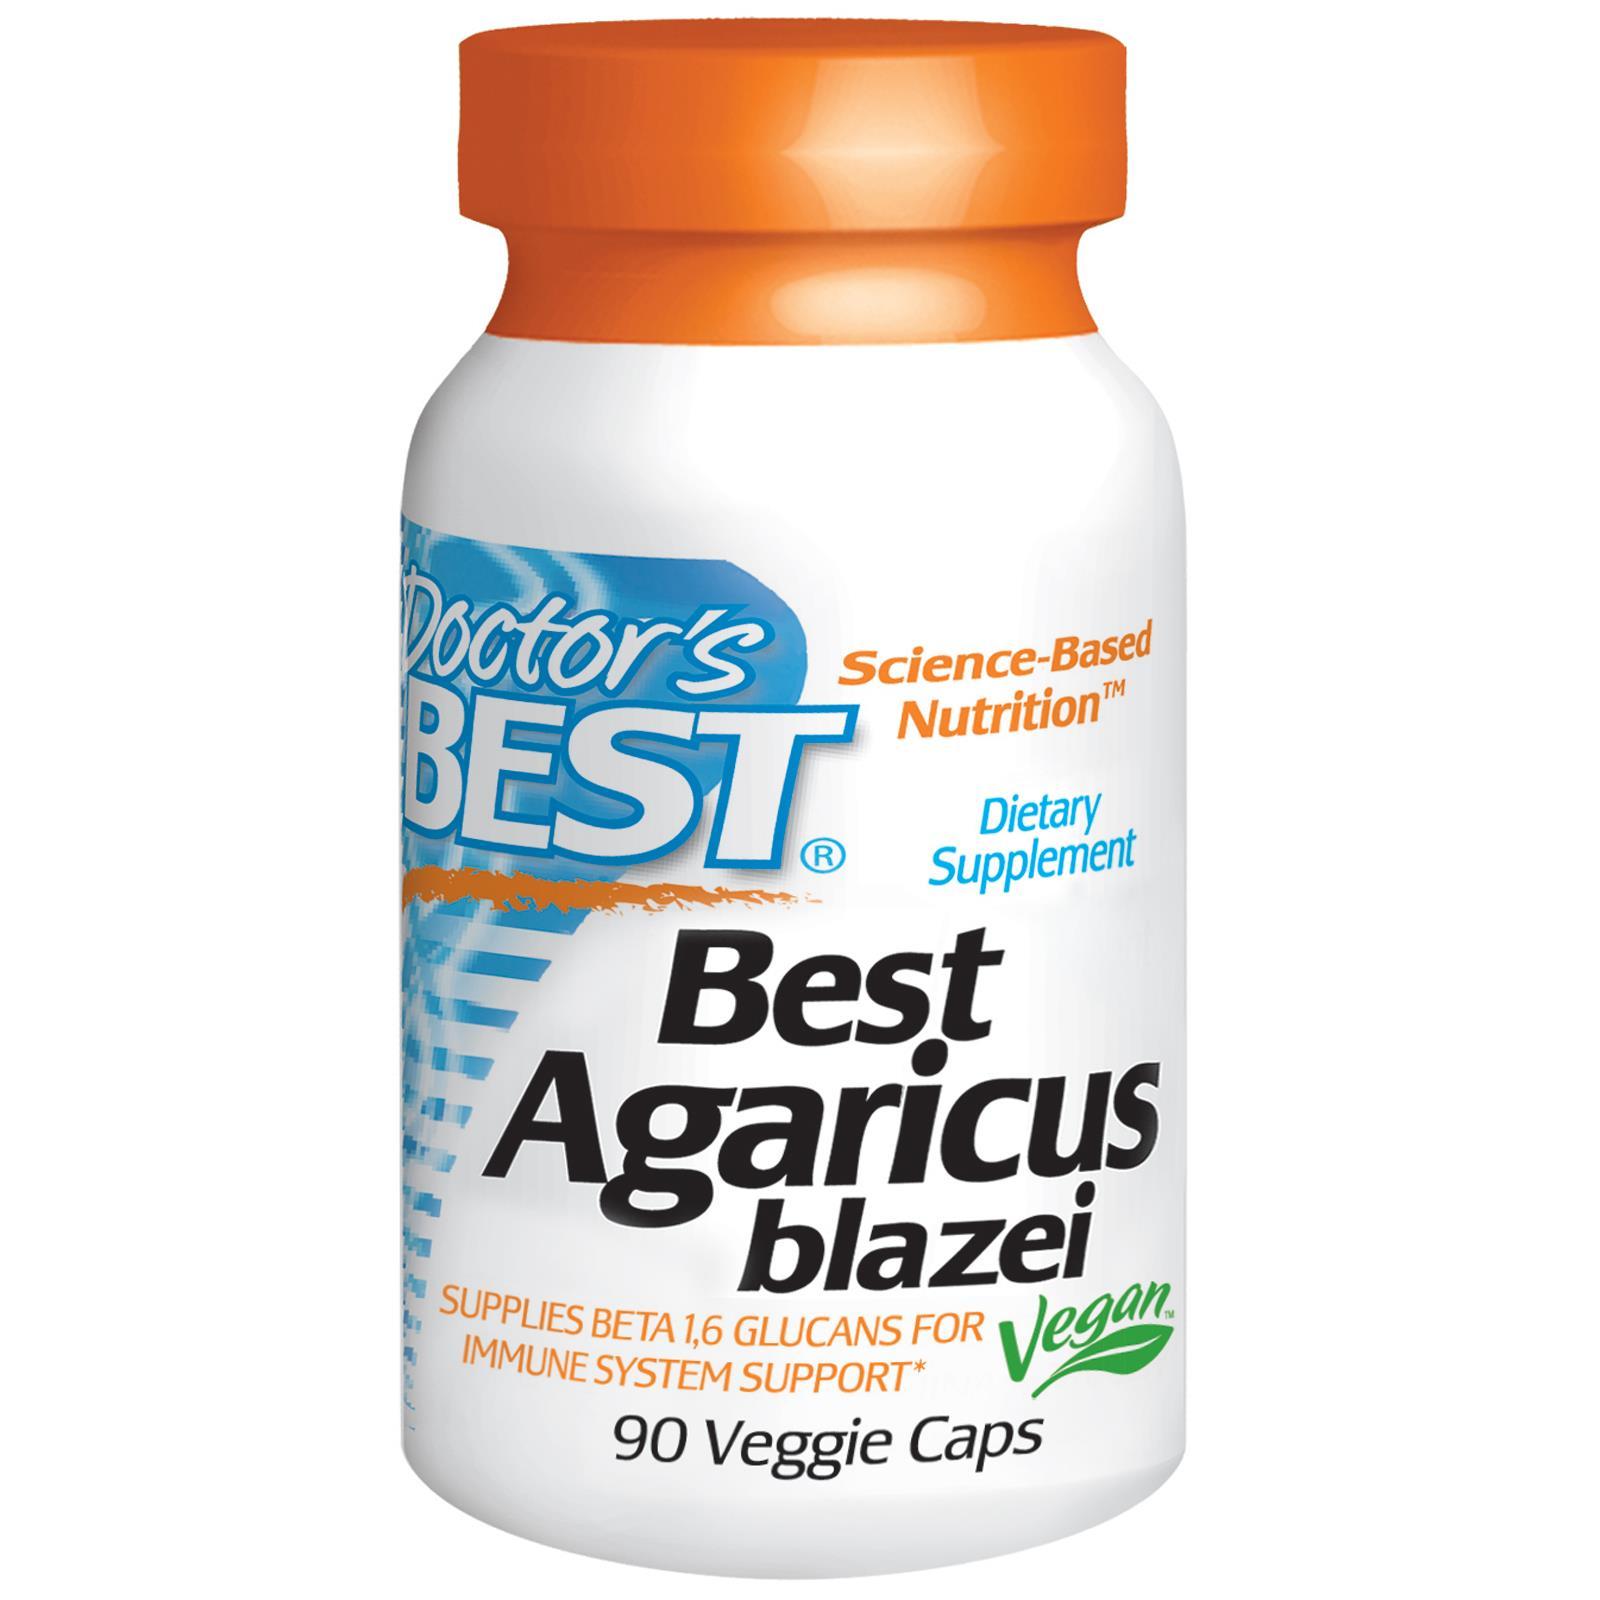 Best Agaricus Blazei Doctors Best thực phẩm chức năng có hoạt chất chống ung thư, hỗ trợ tăng cường hệ miễn dịch